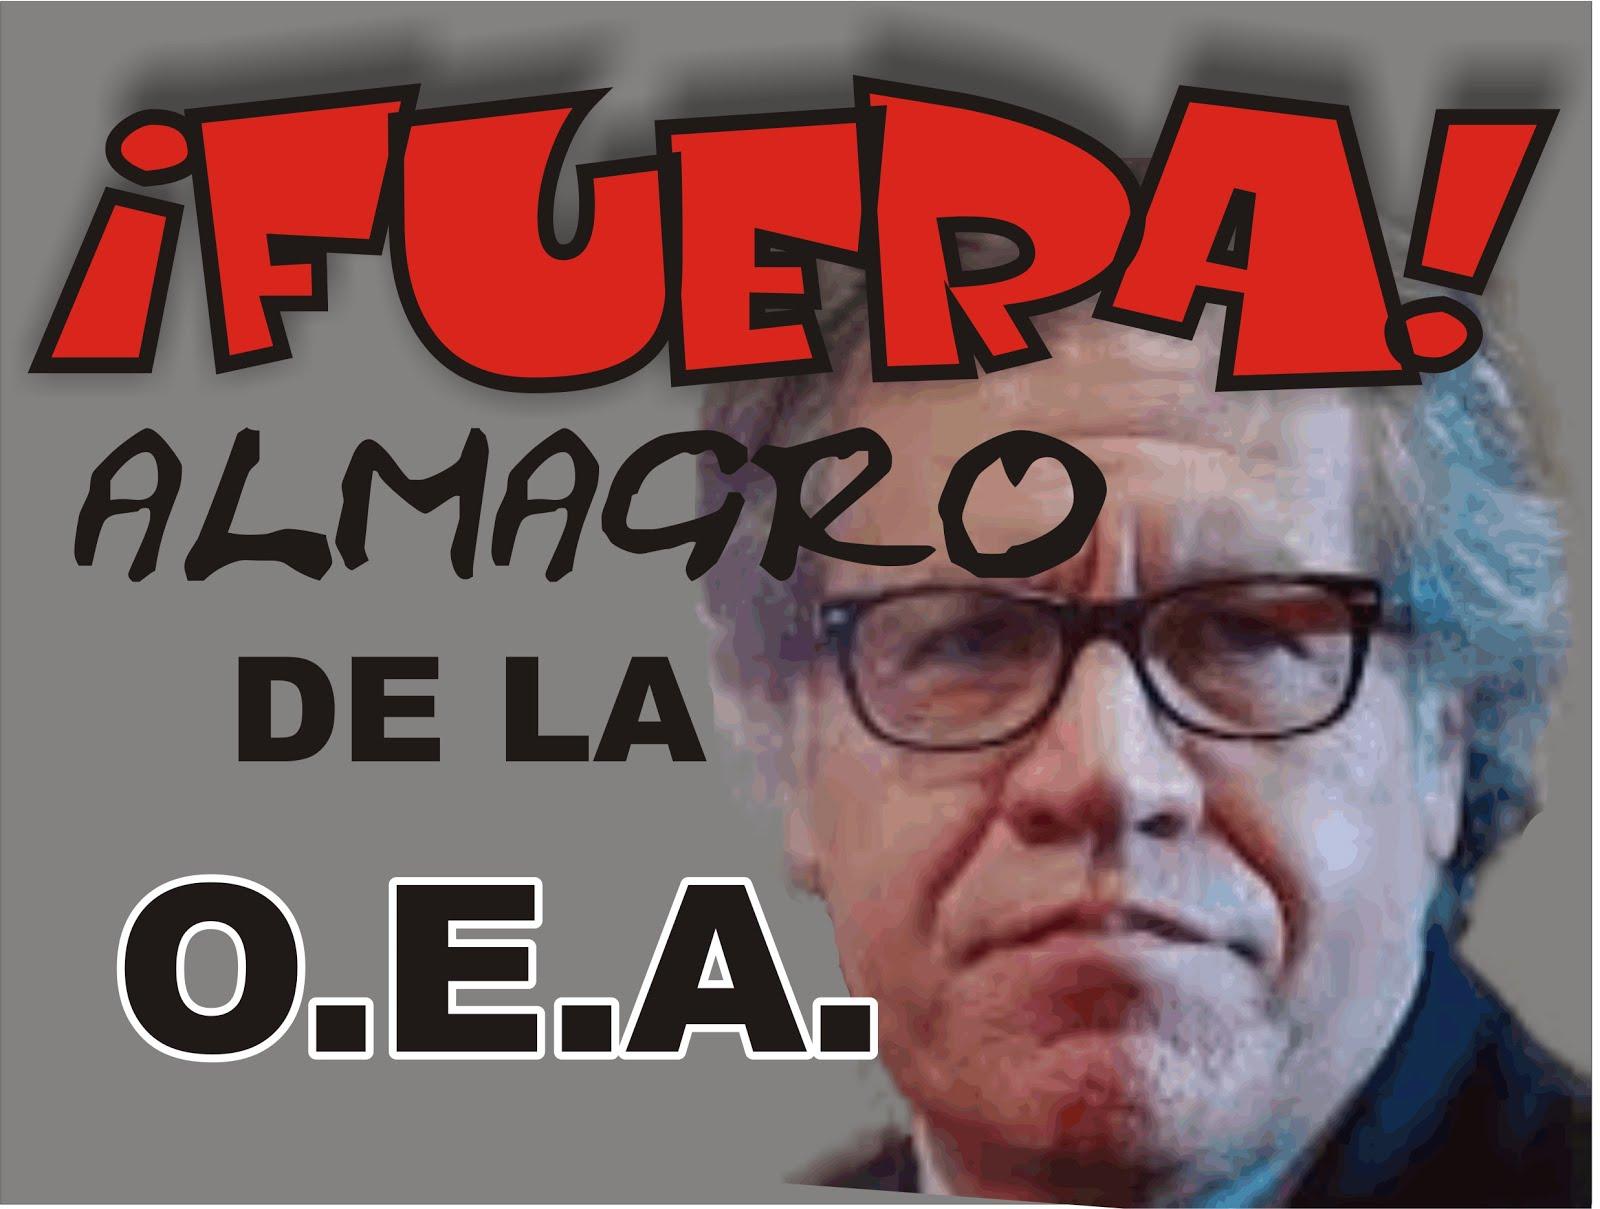 FUERA DE LA OEA...